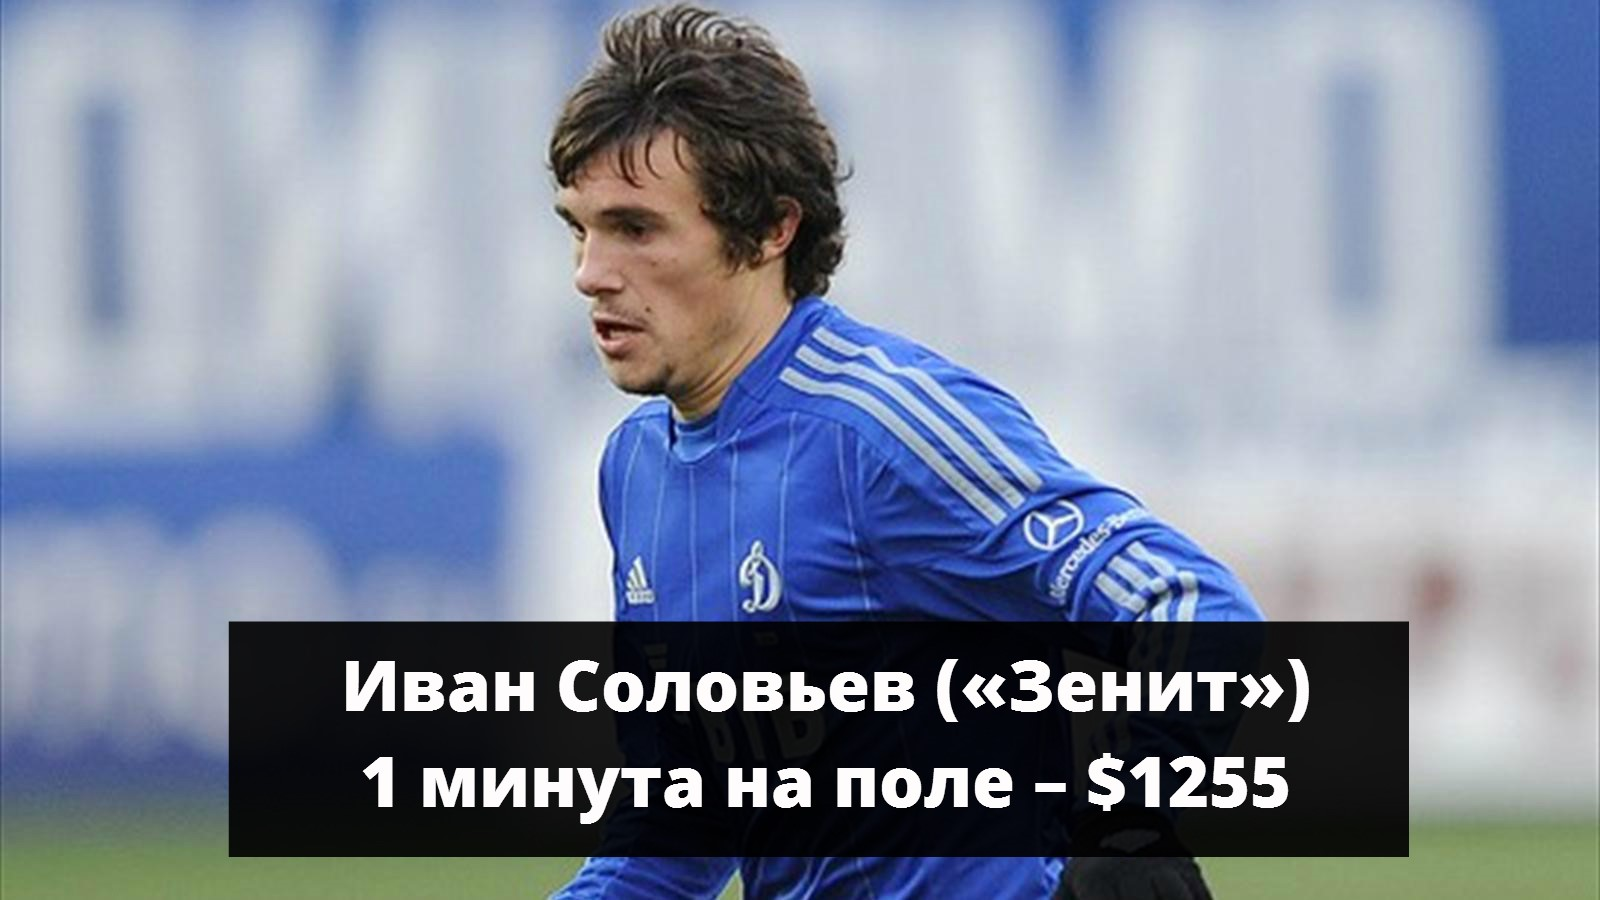 Иван Соловьев («Зенит») и его зарплата